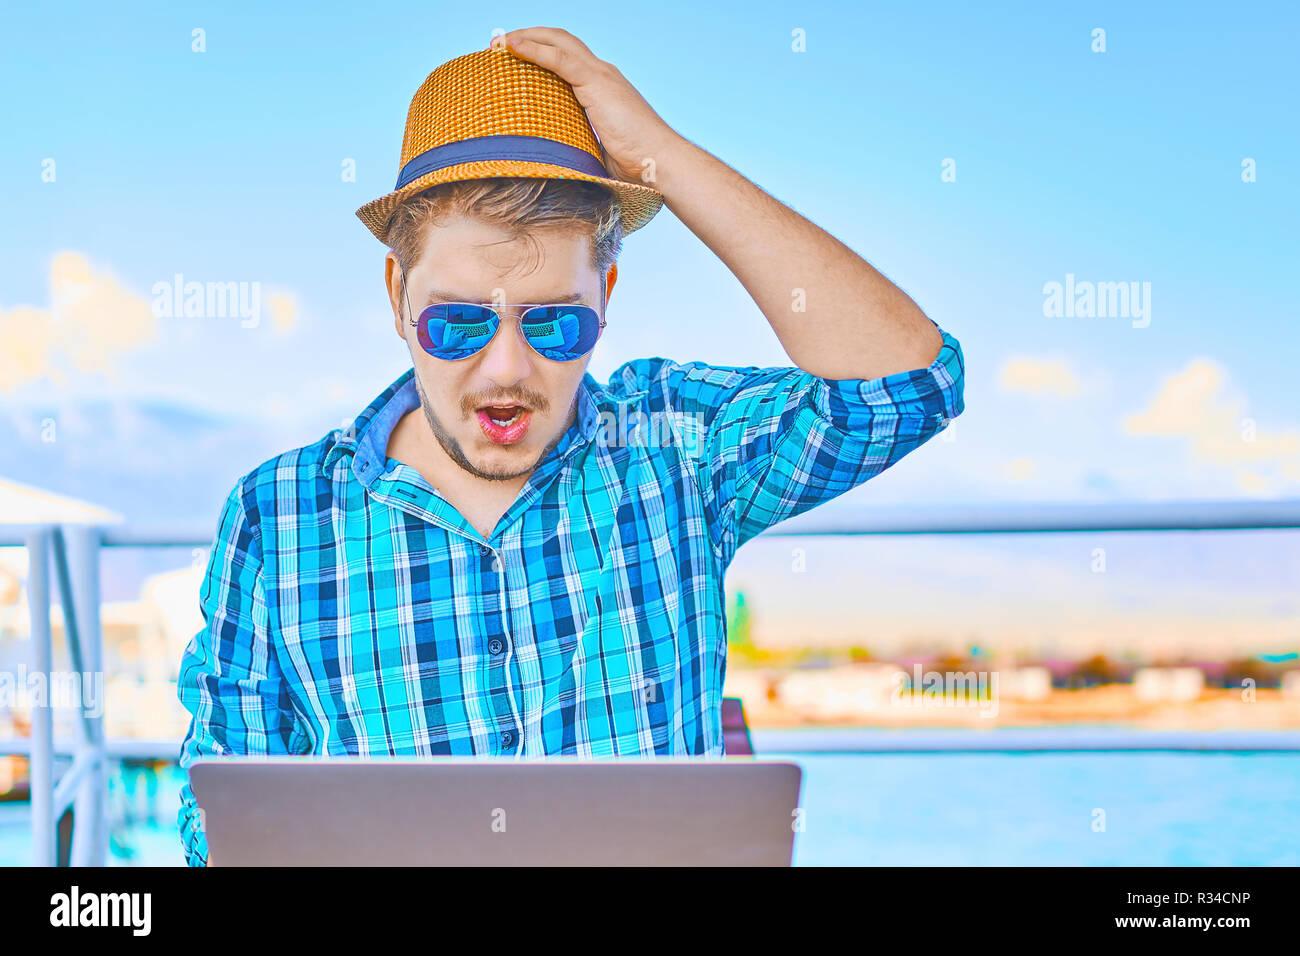 Konzept arbeiten im Urlaub auf dem Meer. Eine Person ist sehr emotional Arbeiten im Urlaub. Stockbild